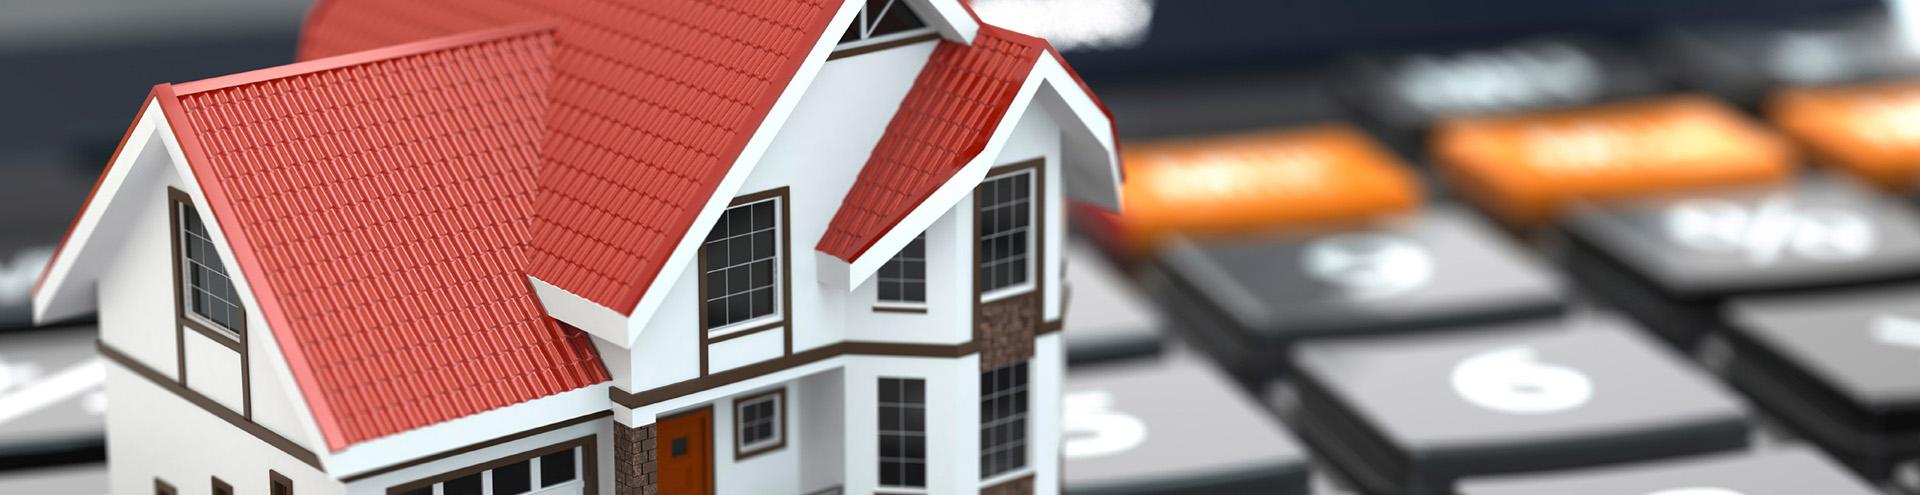 оспаривания кадастровой стоимости зданий в Уфе